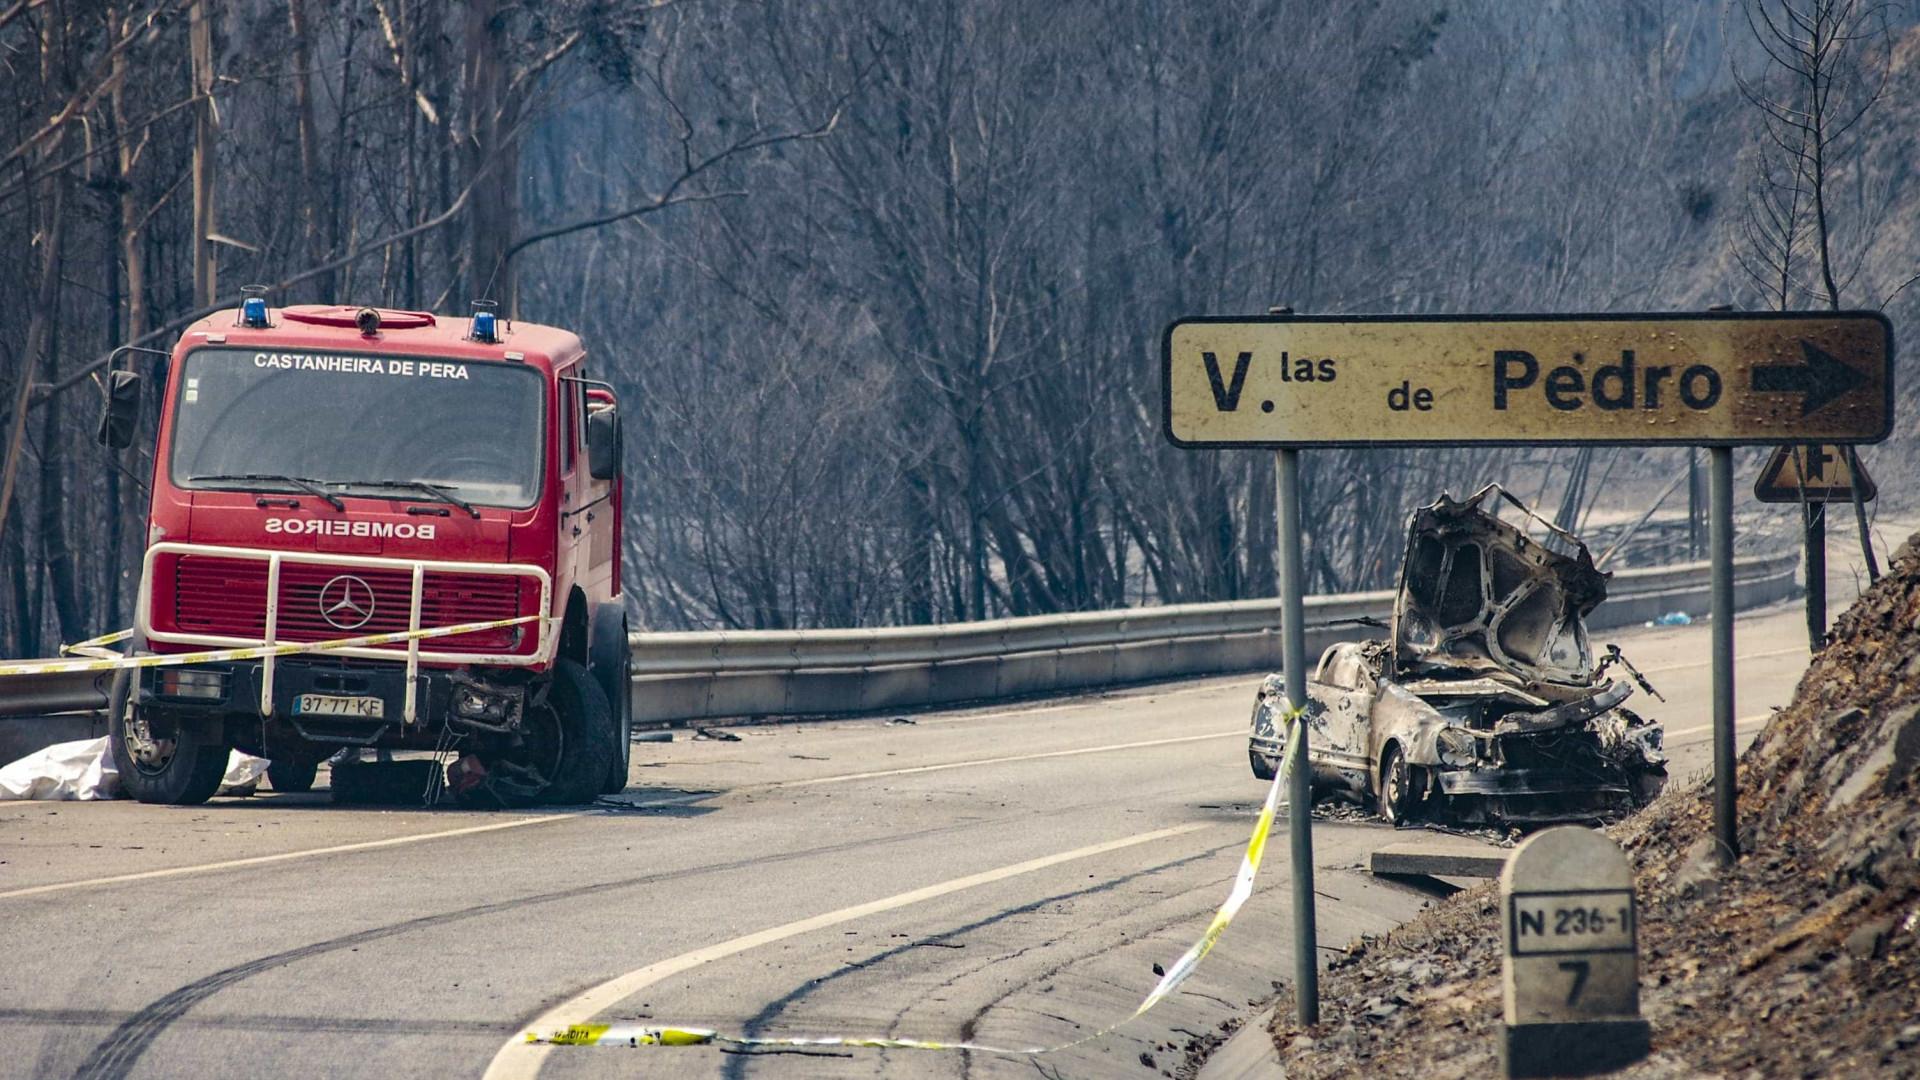 80 bombeiros espanhóis chegam hoje a Góis — Incêndios